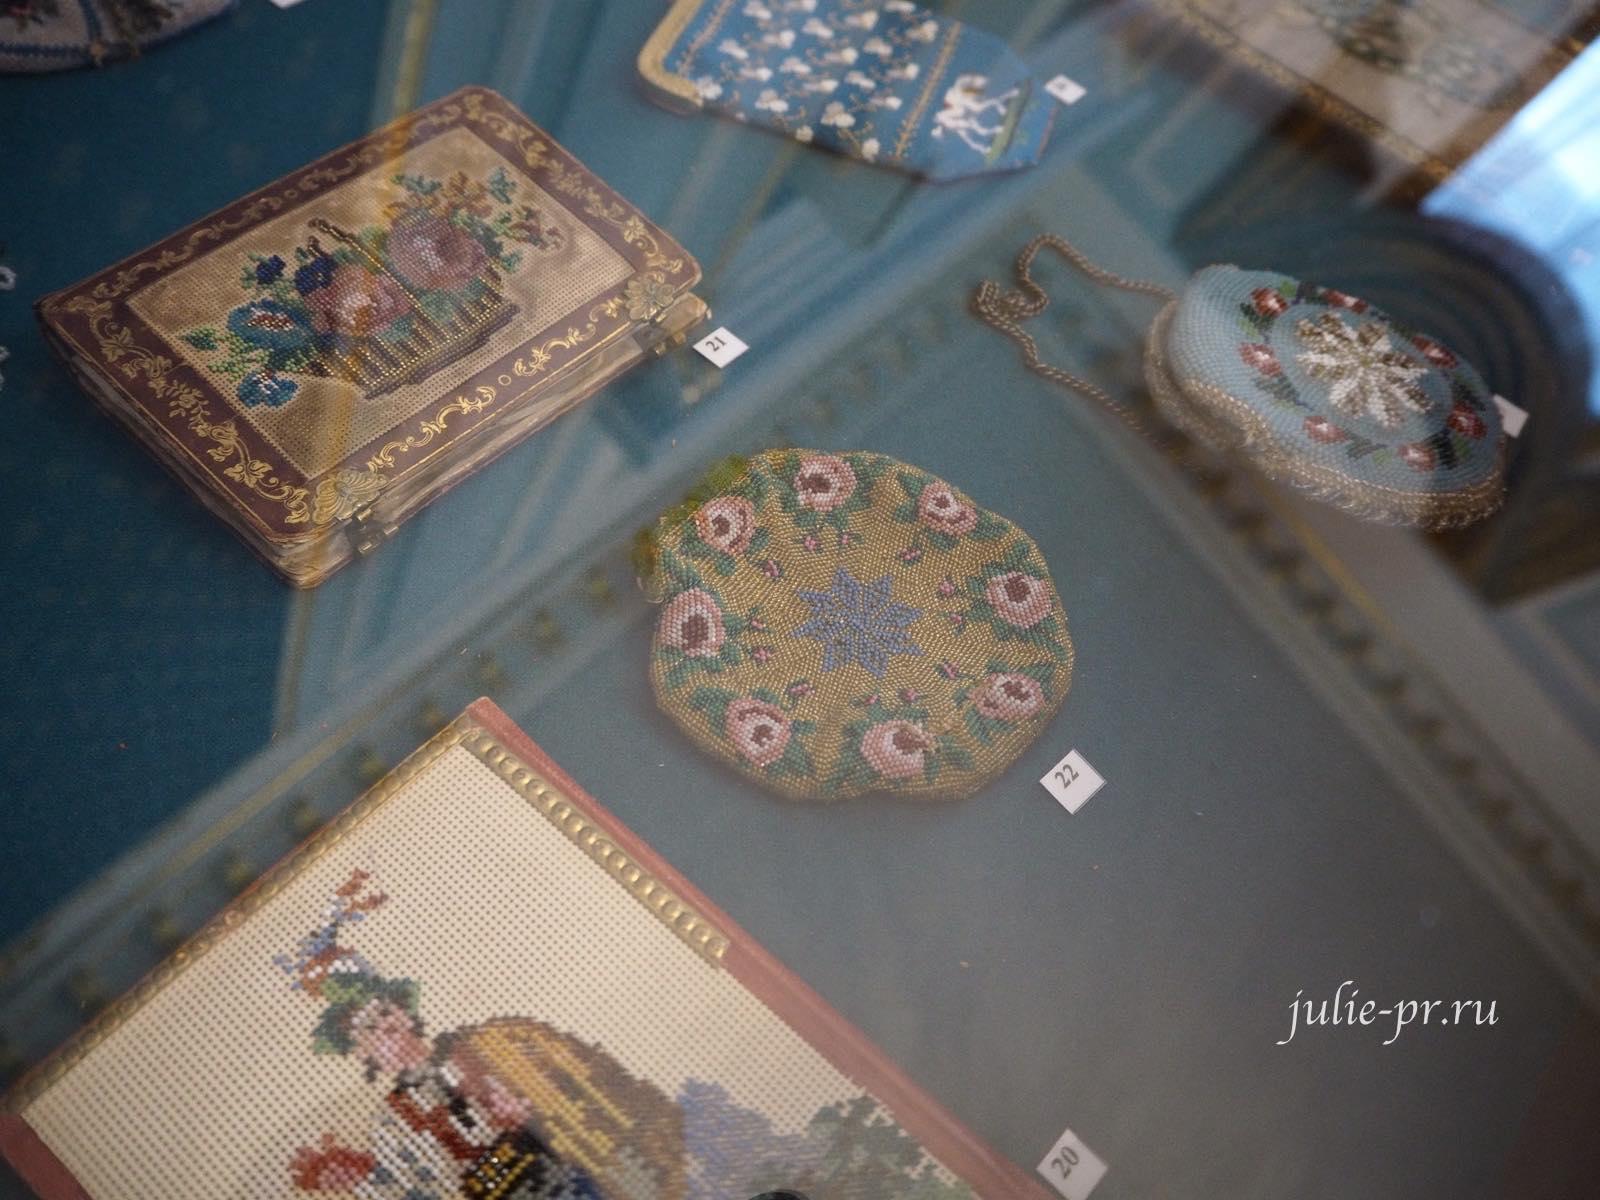 выставка Как роза ты нежна, вышивка бисером, музей усадьба Г. Р. Державина